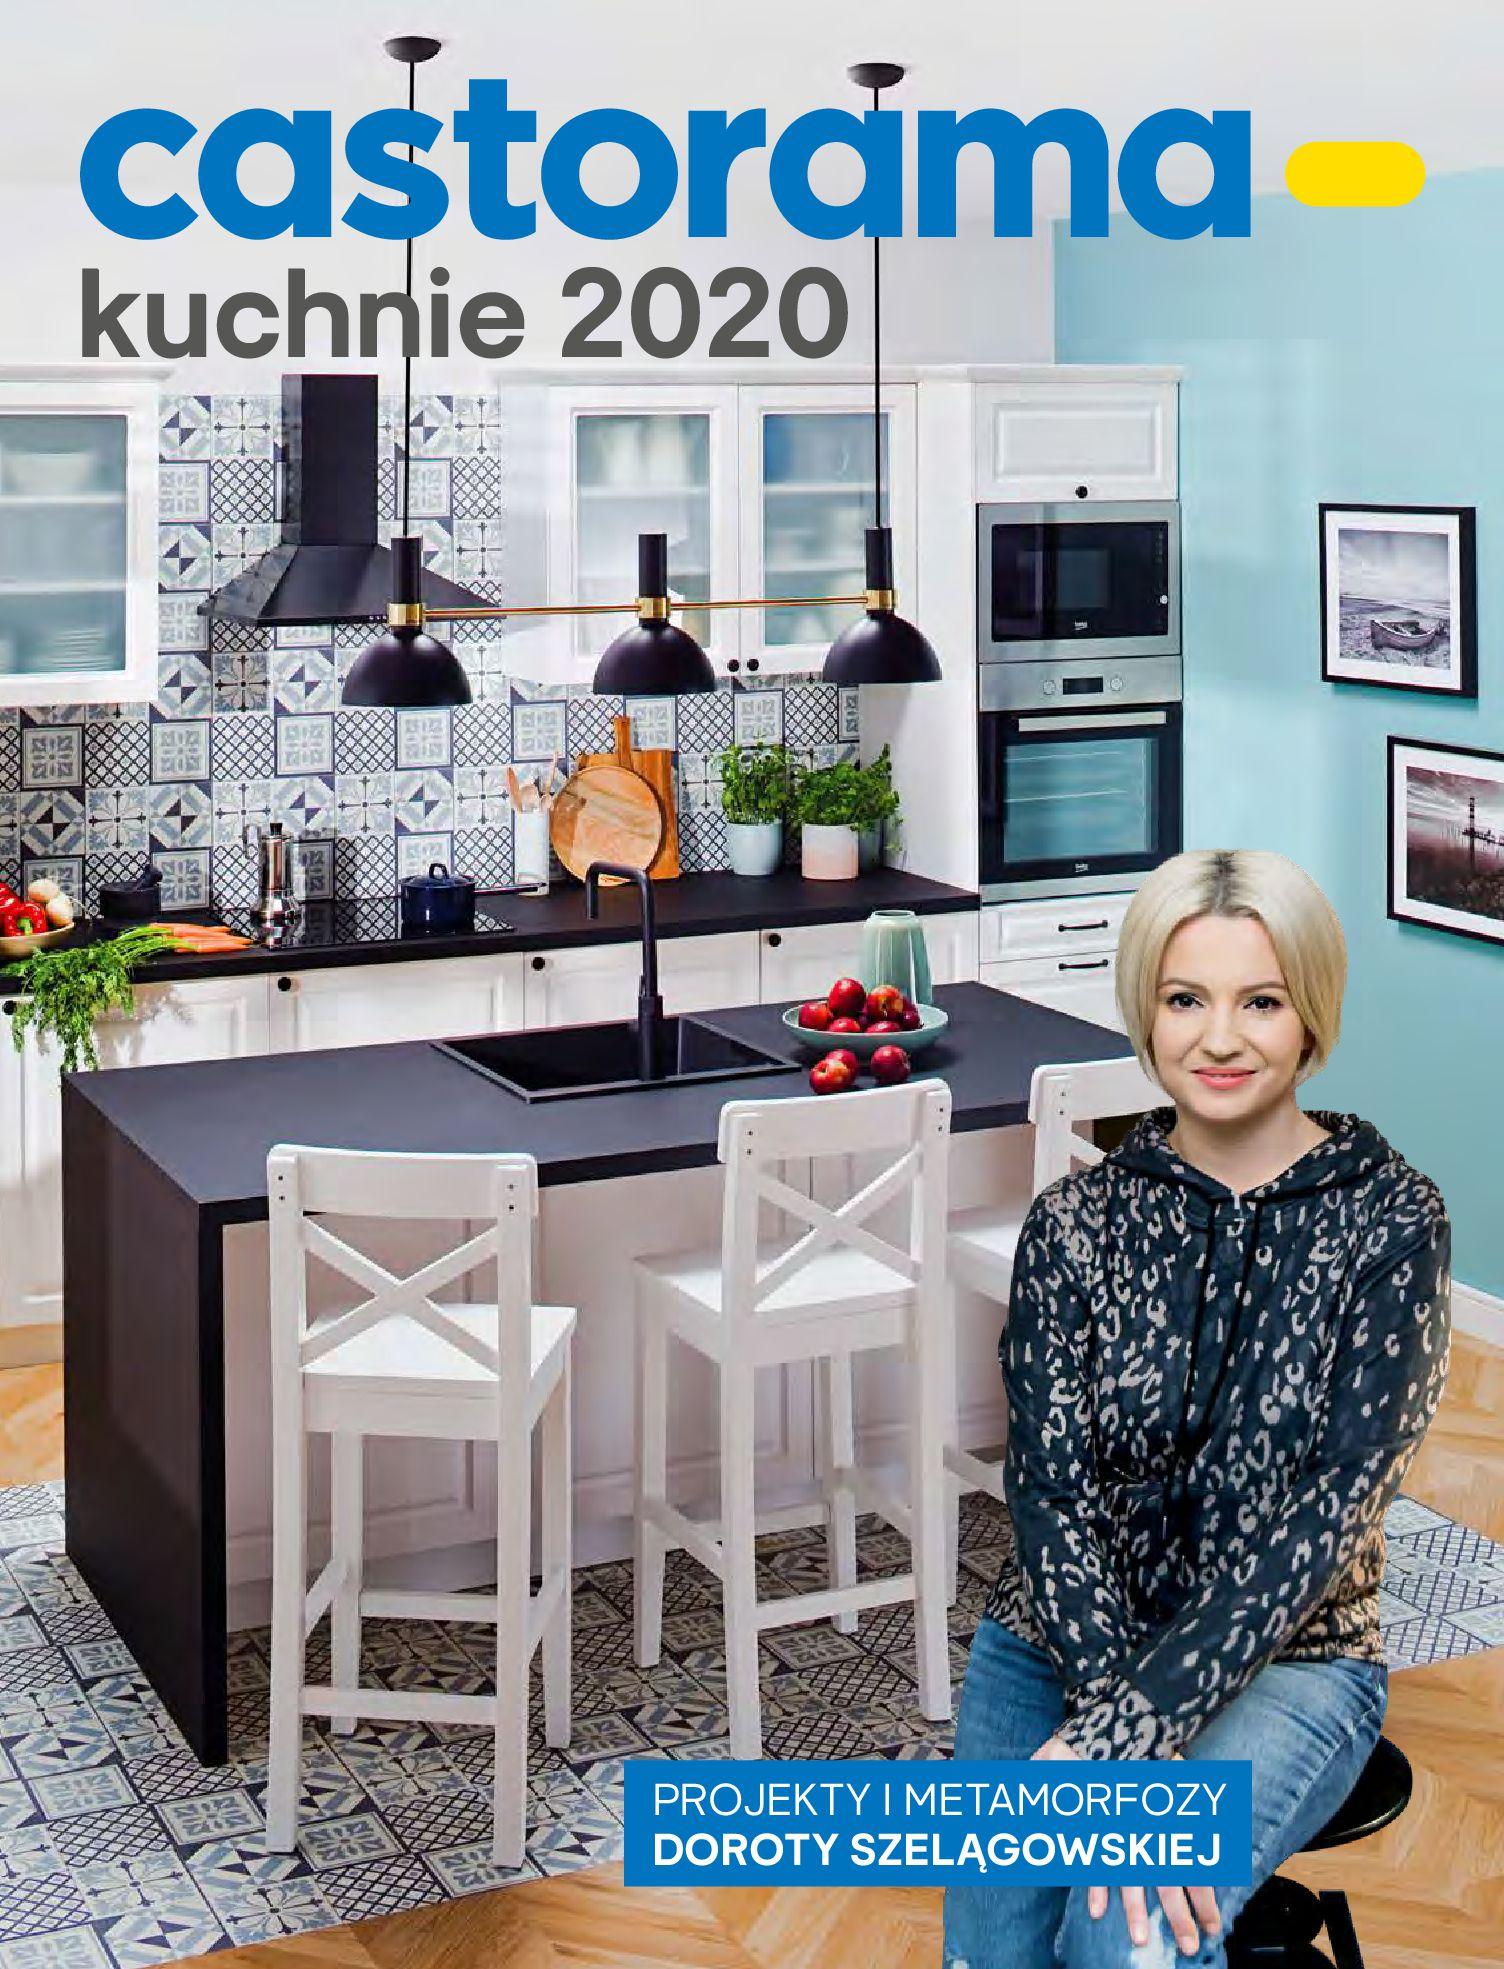 Gazetka Castorama - Katalog Kuchnie 2020-14.04.2020-31.12.2020-page-1